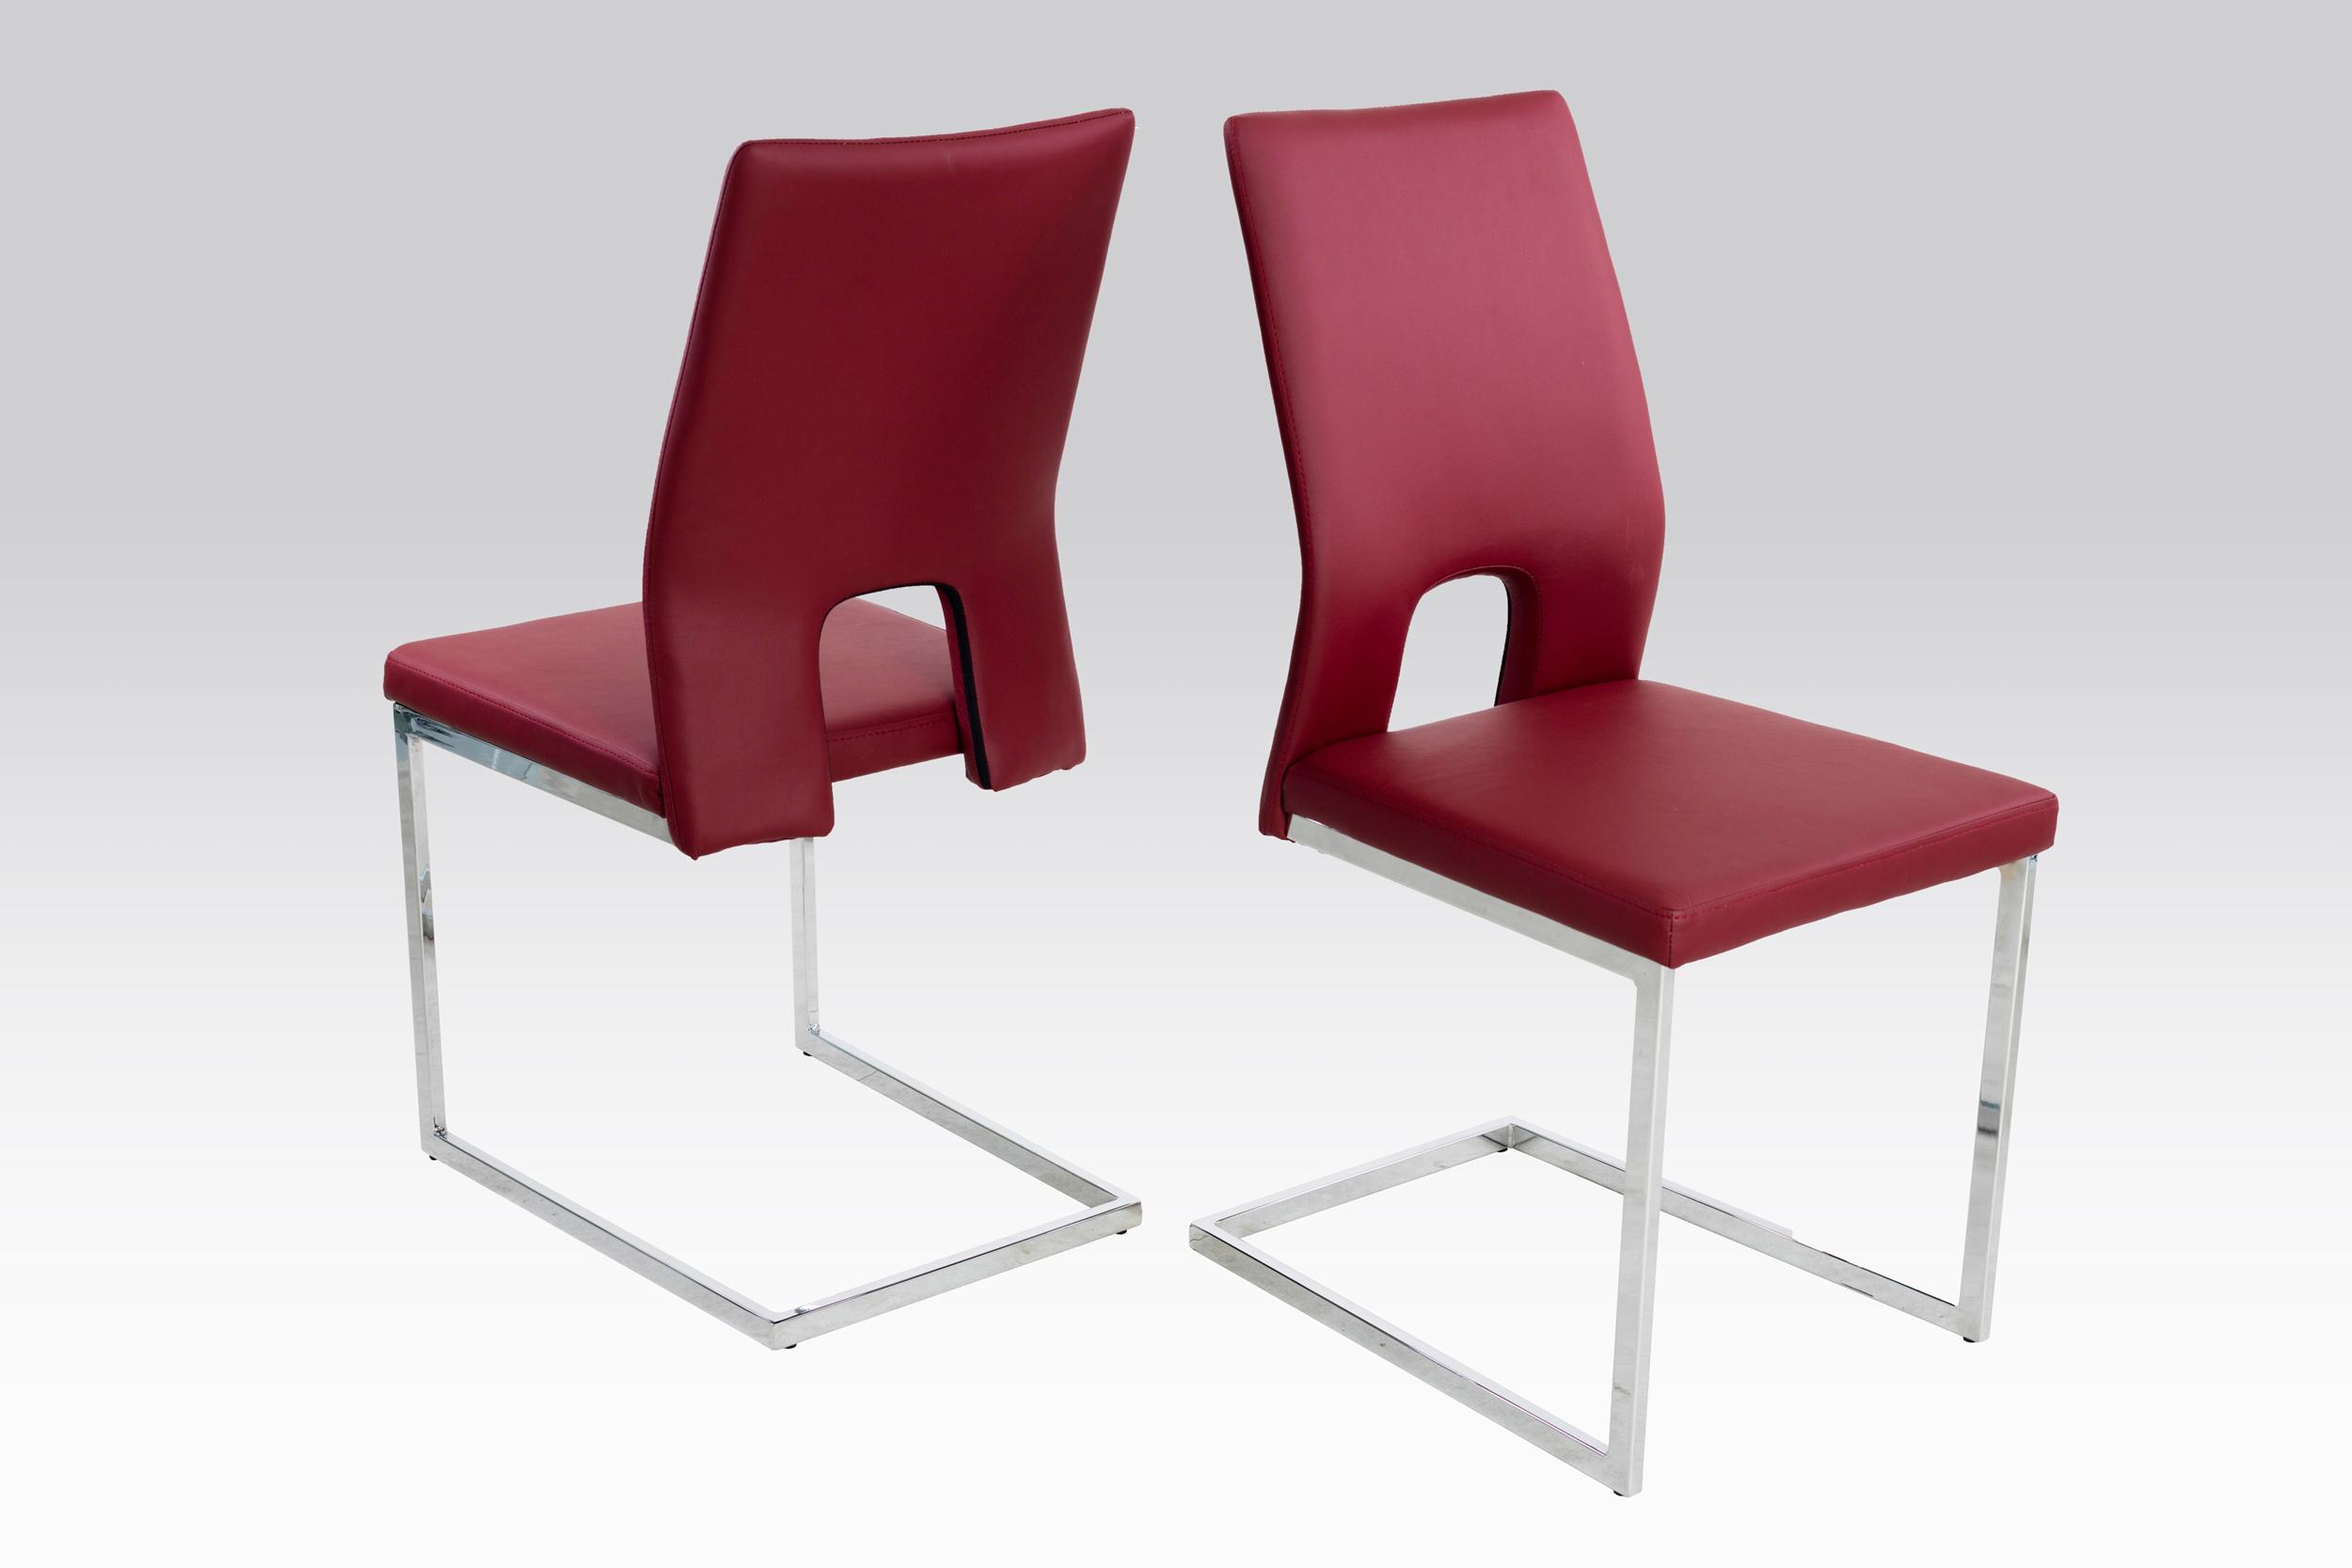 st hle k chen m bel m belhaus 24 online m bel kaufen qualit t zu fairen preisen. Black Bedroom Furniture Sets. Home Design Ideas